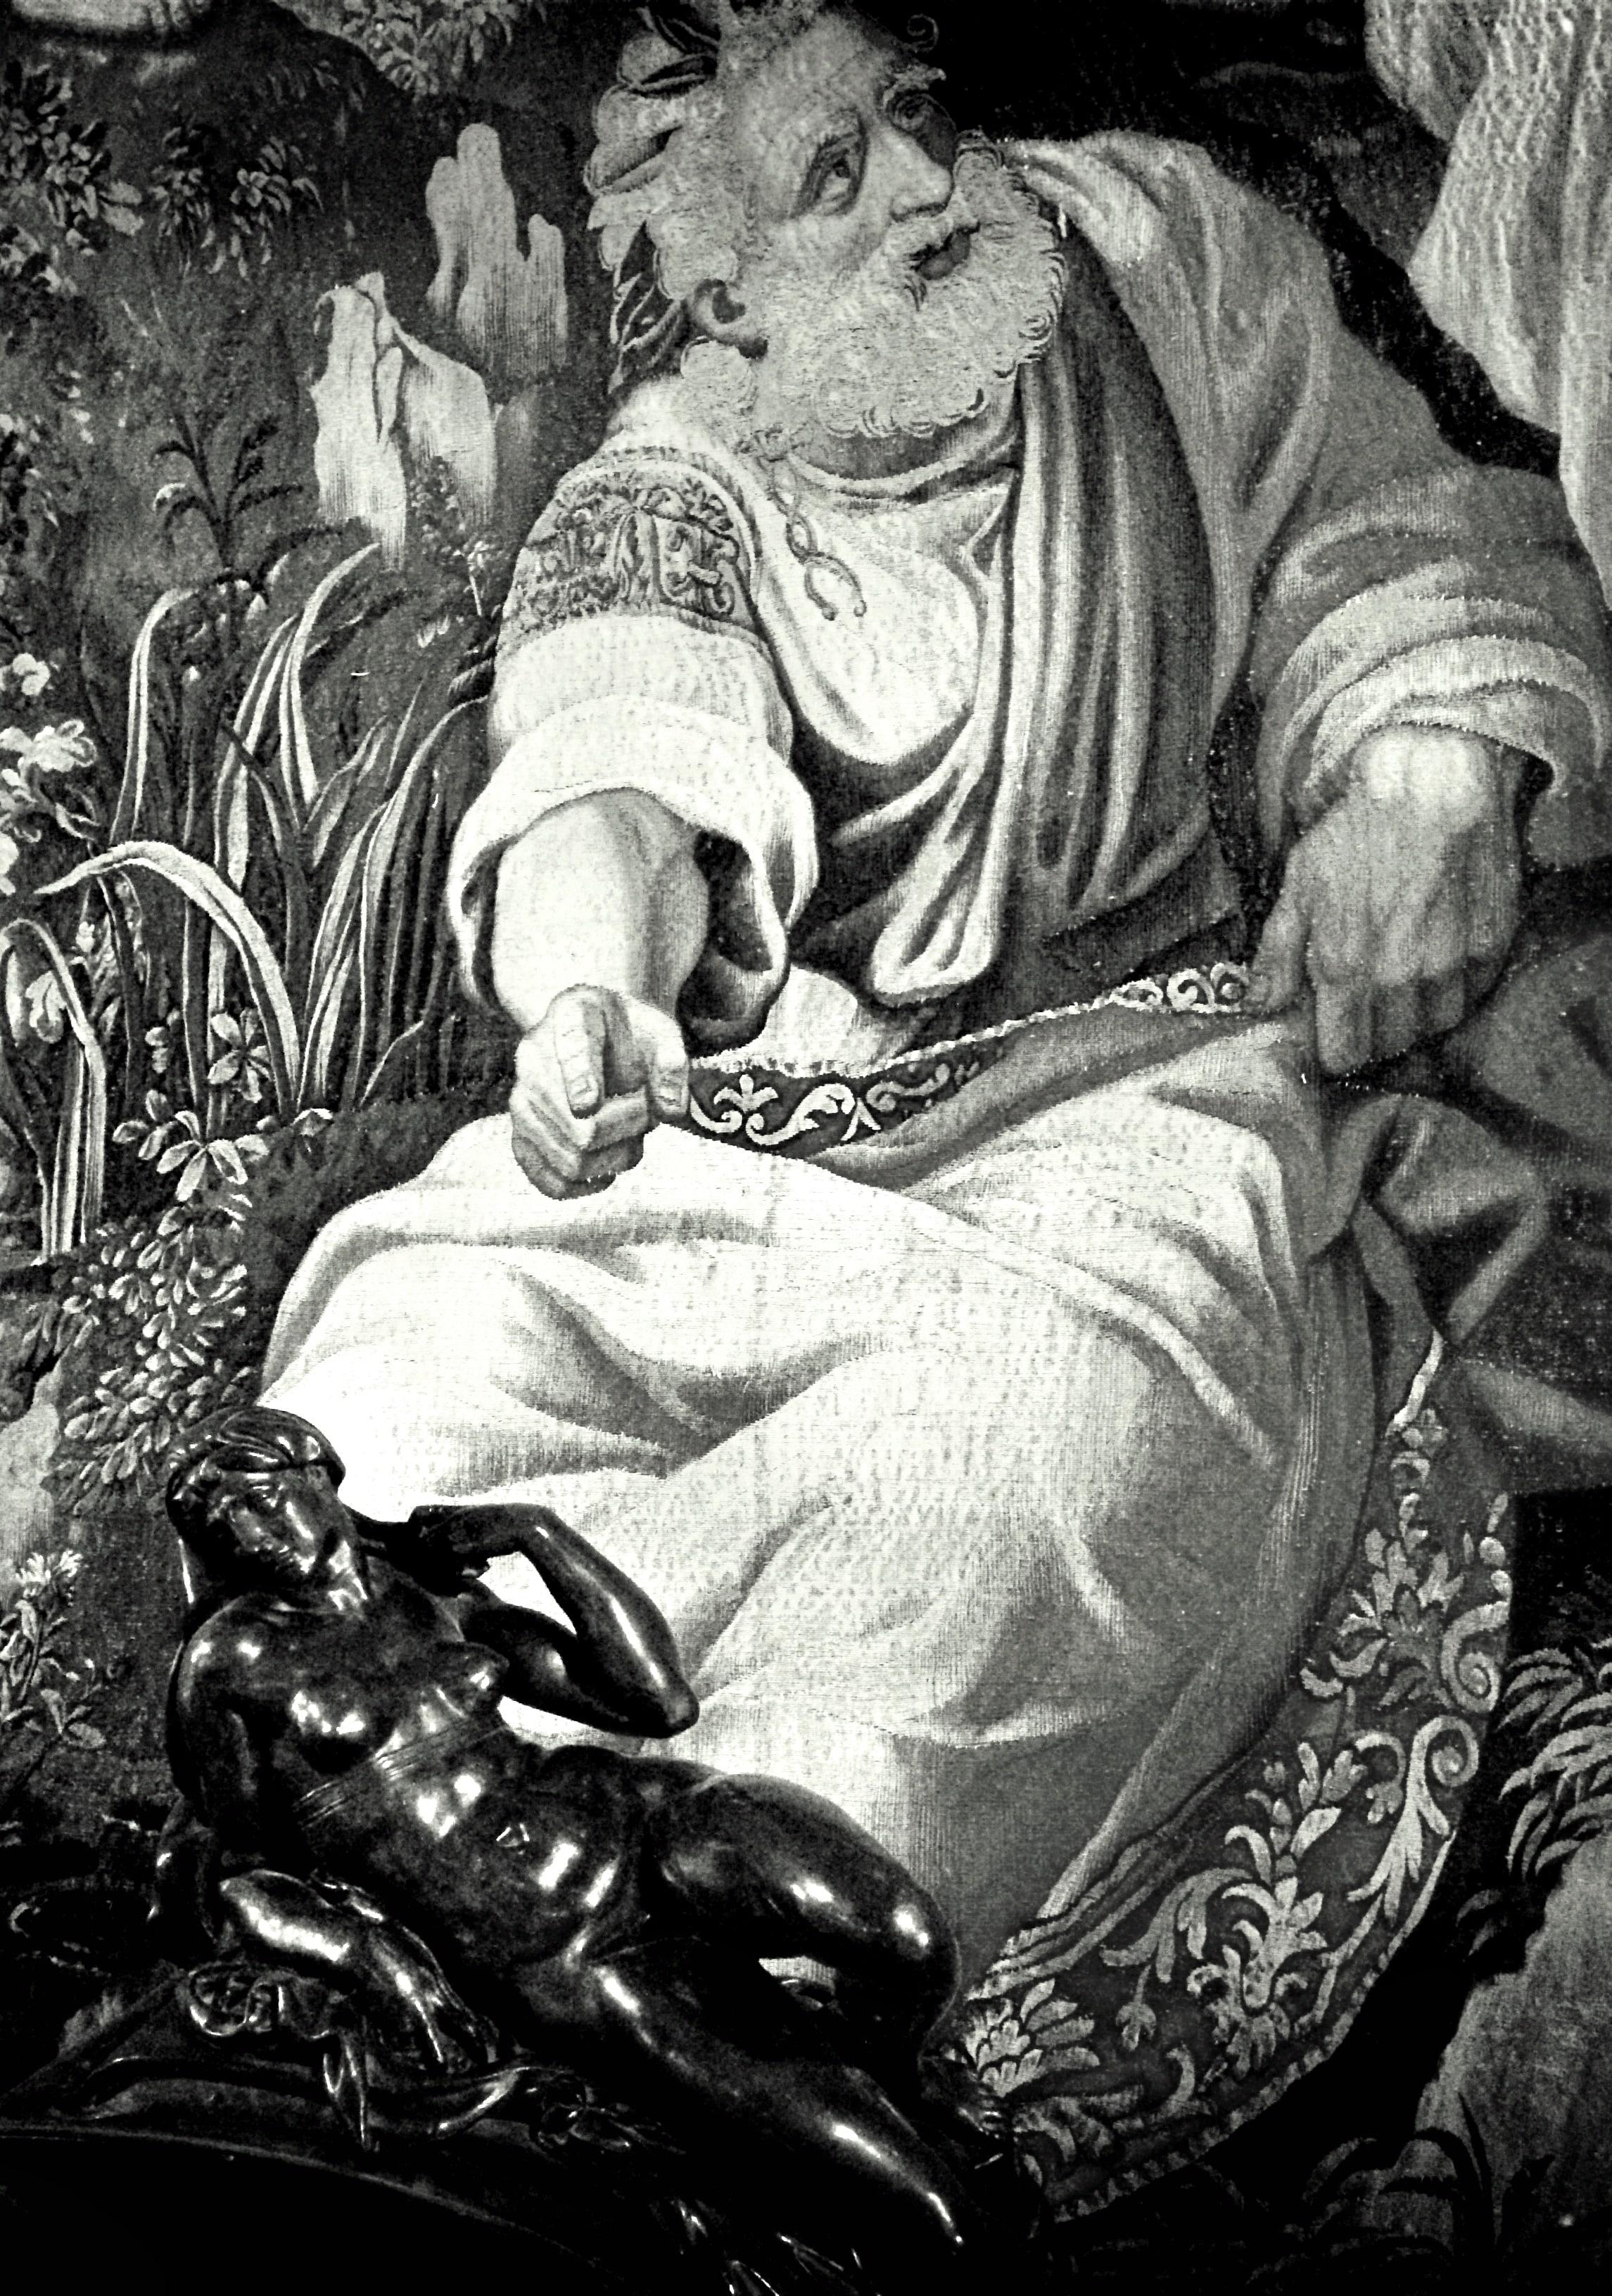 Statue de femme nue en bronze et en arrière plan une peinture la désignant du doigt